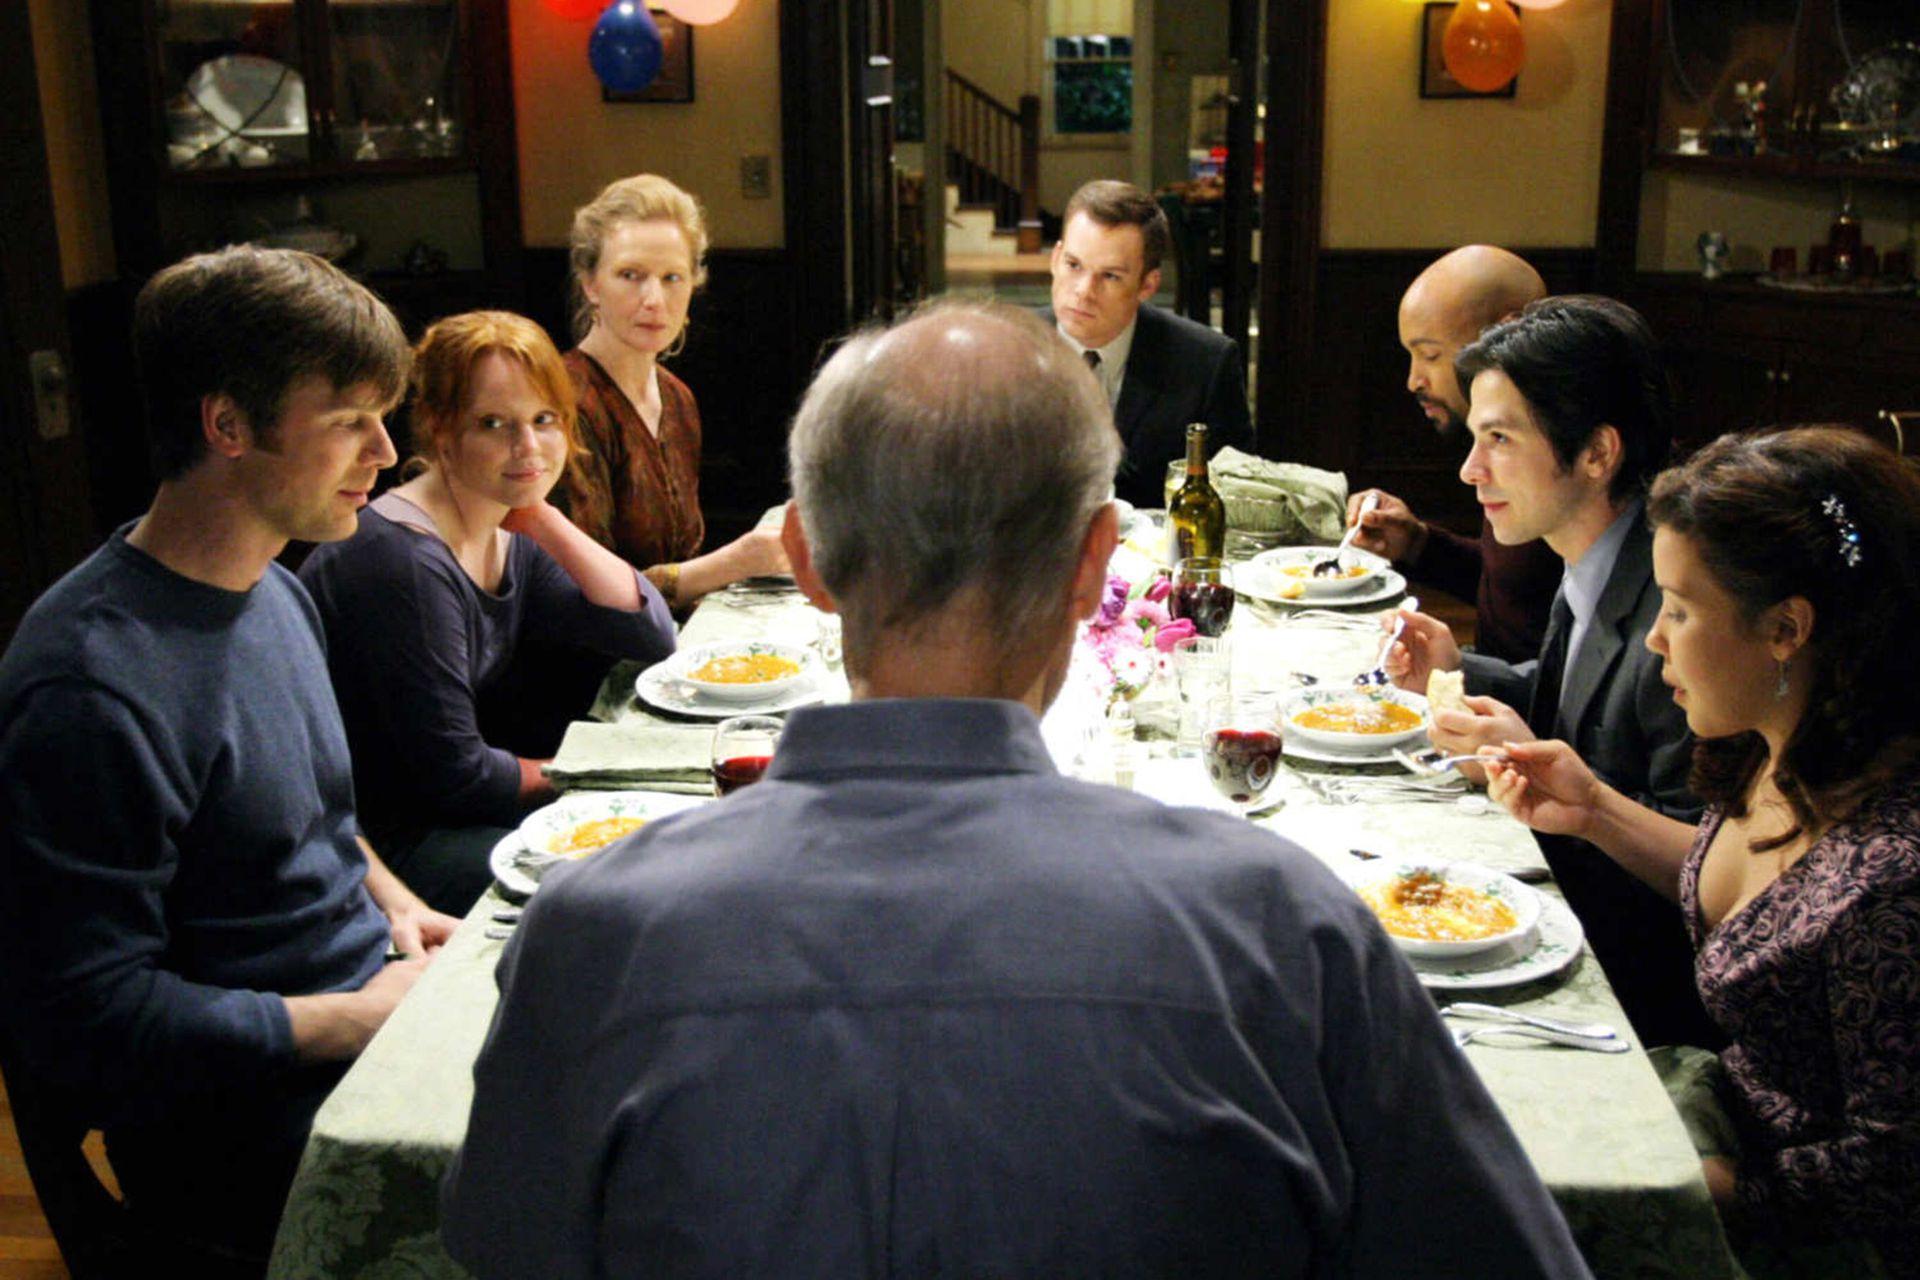 Una cena familiar de pesadilla